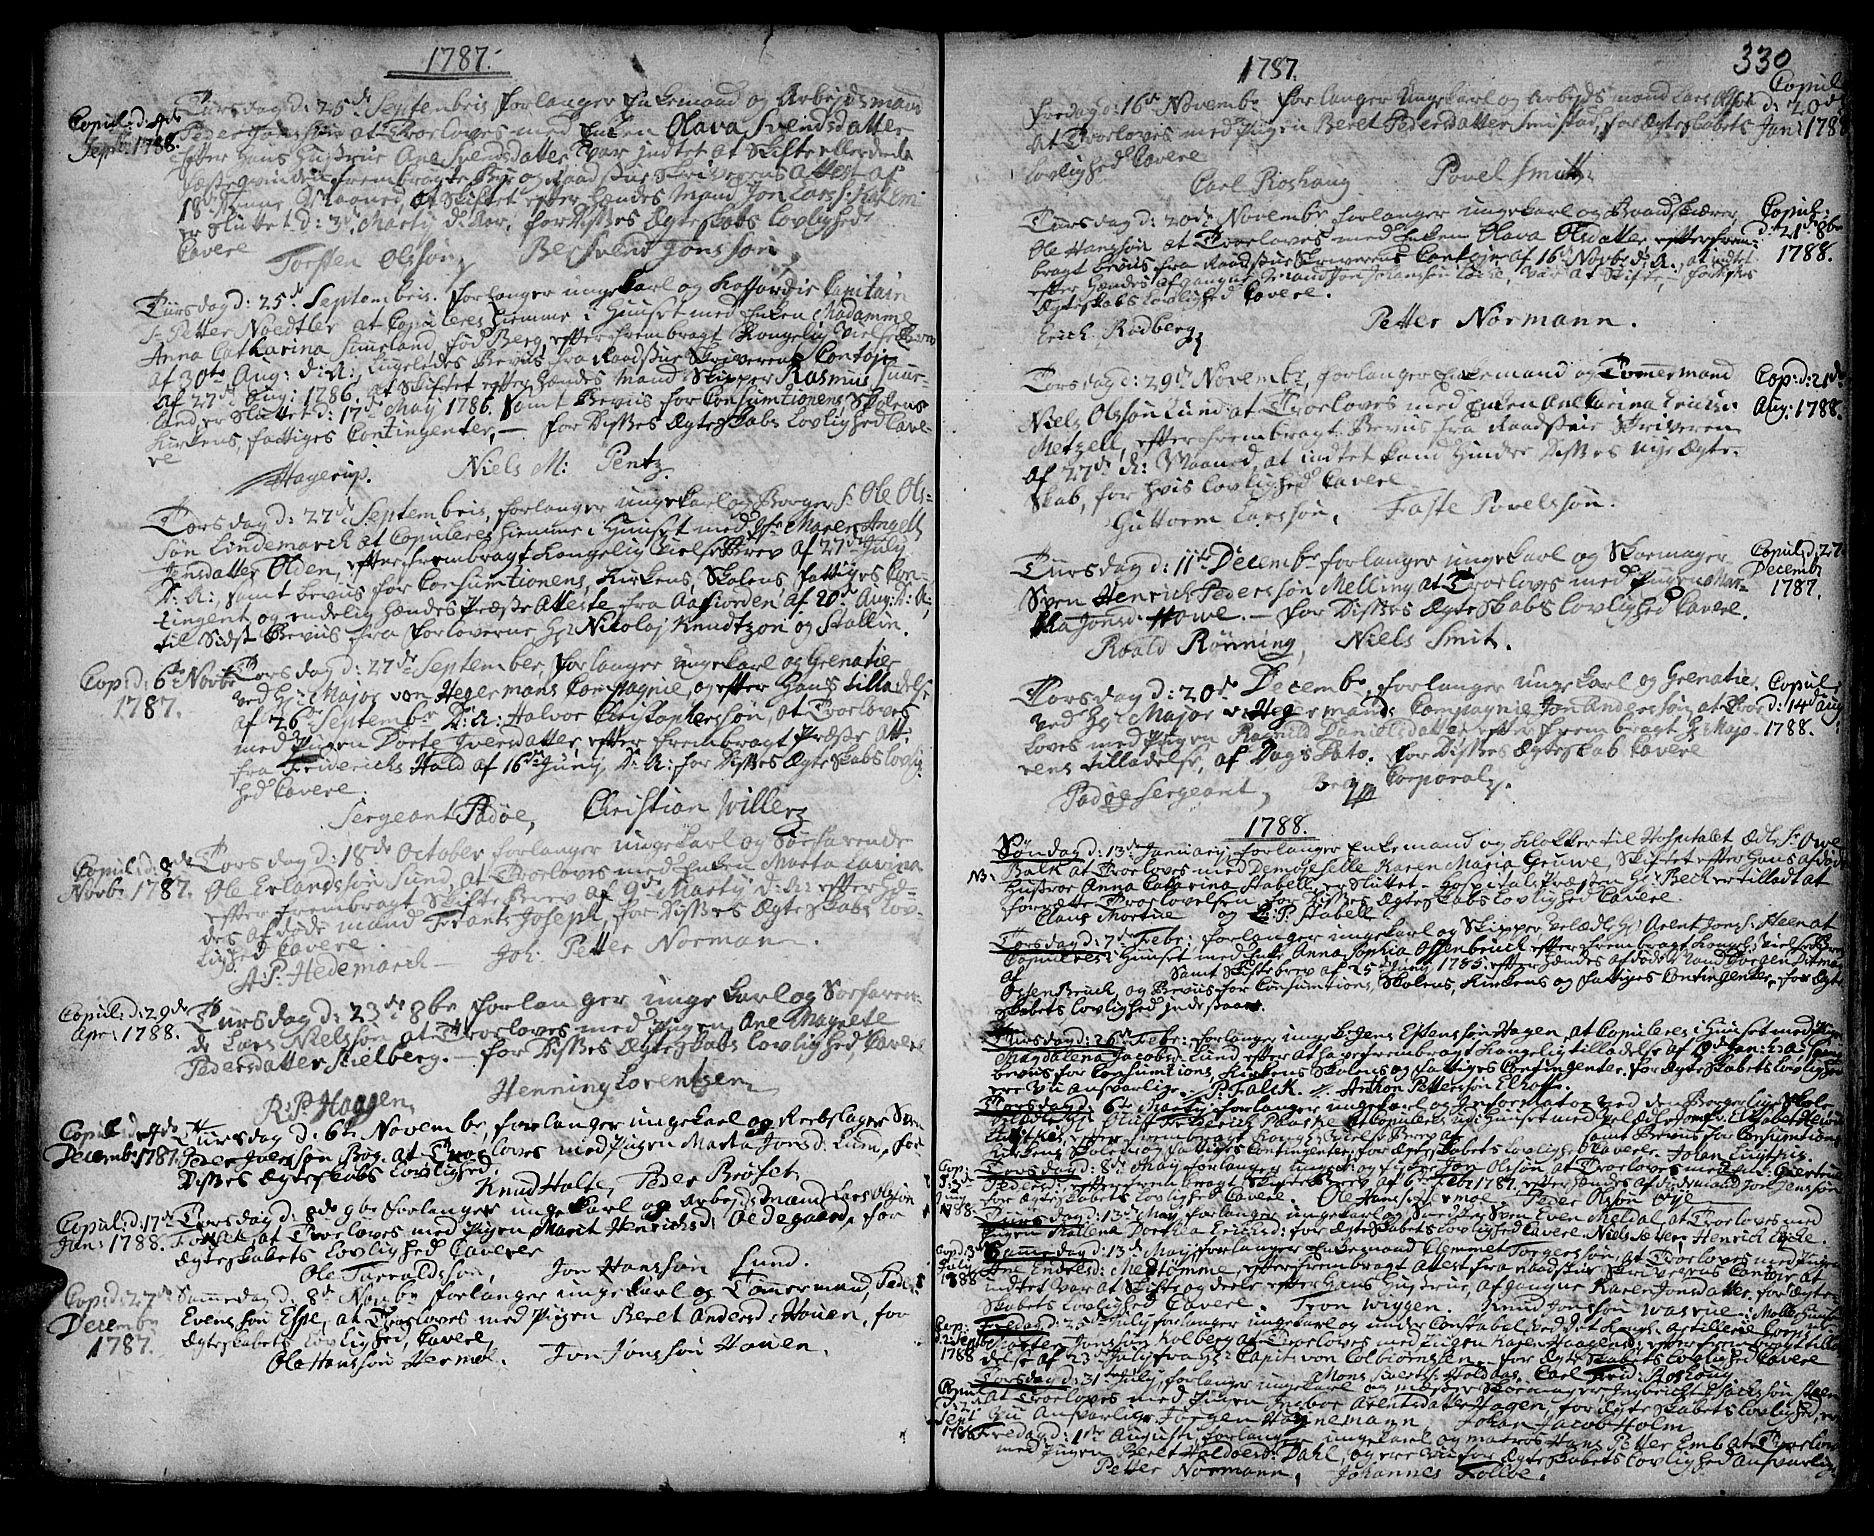 SAT, Ministerialprotokoller, klokkerbøker og fødselsregistre - Sør-Trøndelag, 601/L0038: Ministerialbok nr. 601A06, 1766-1877, s. 330